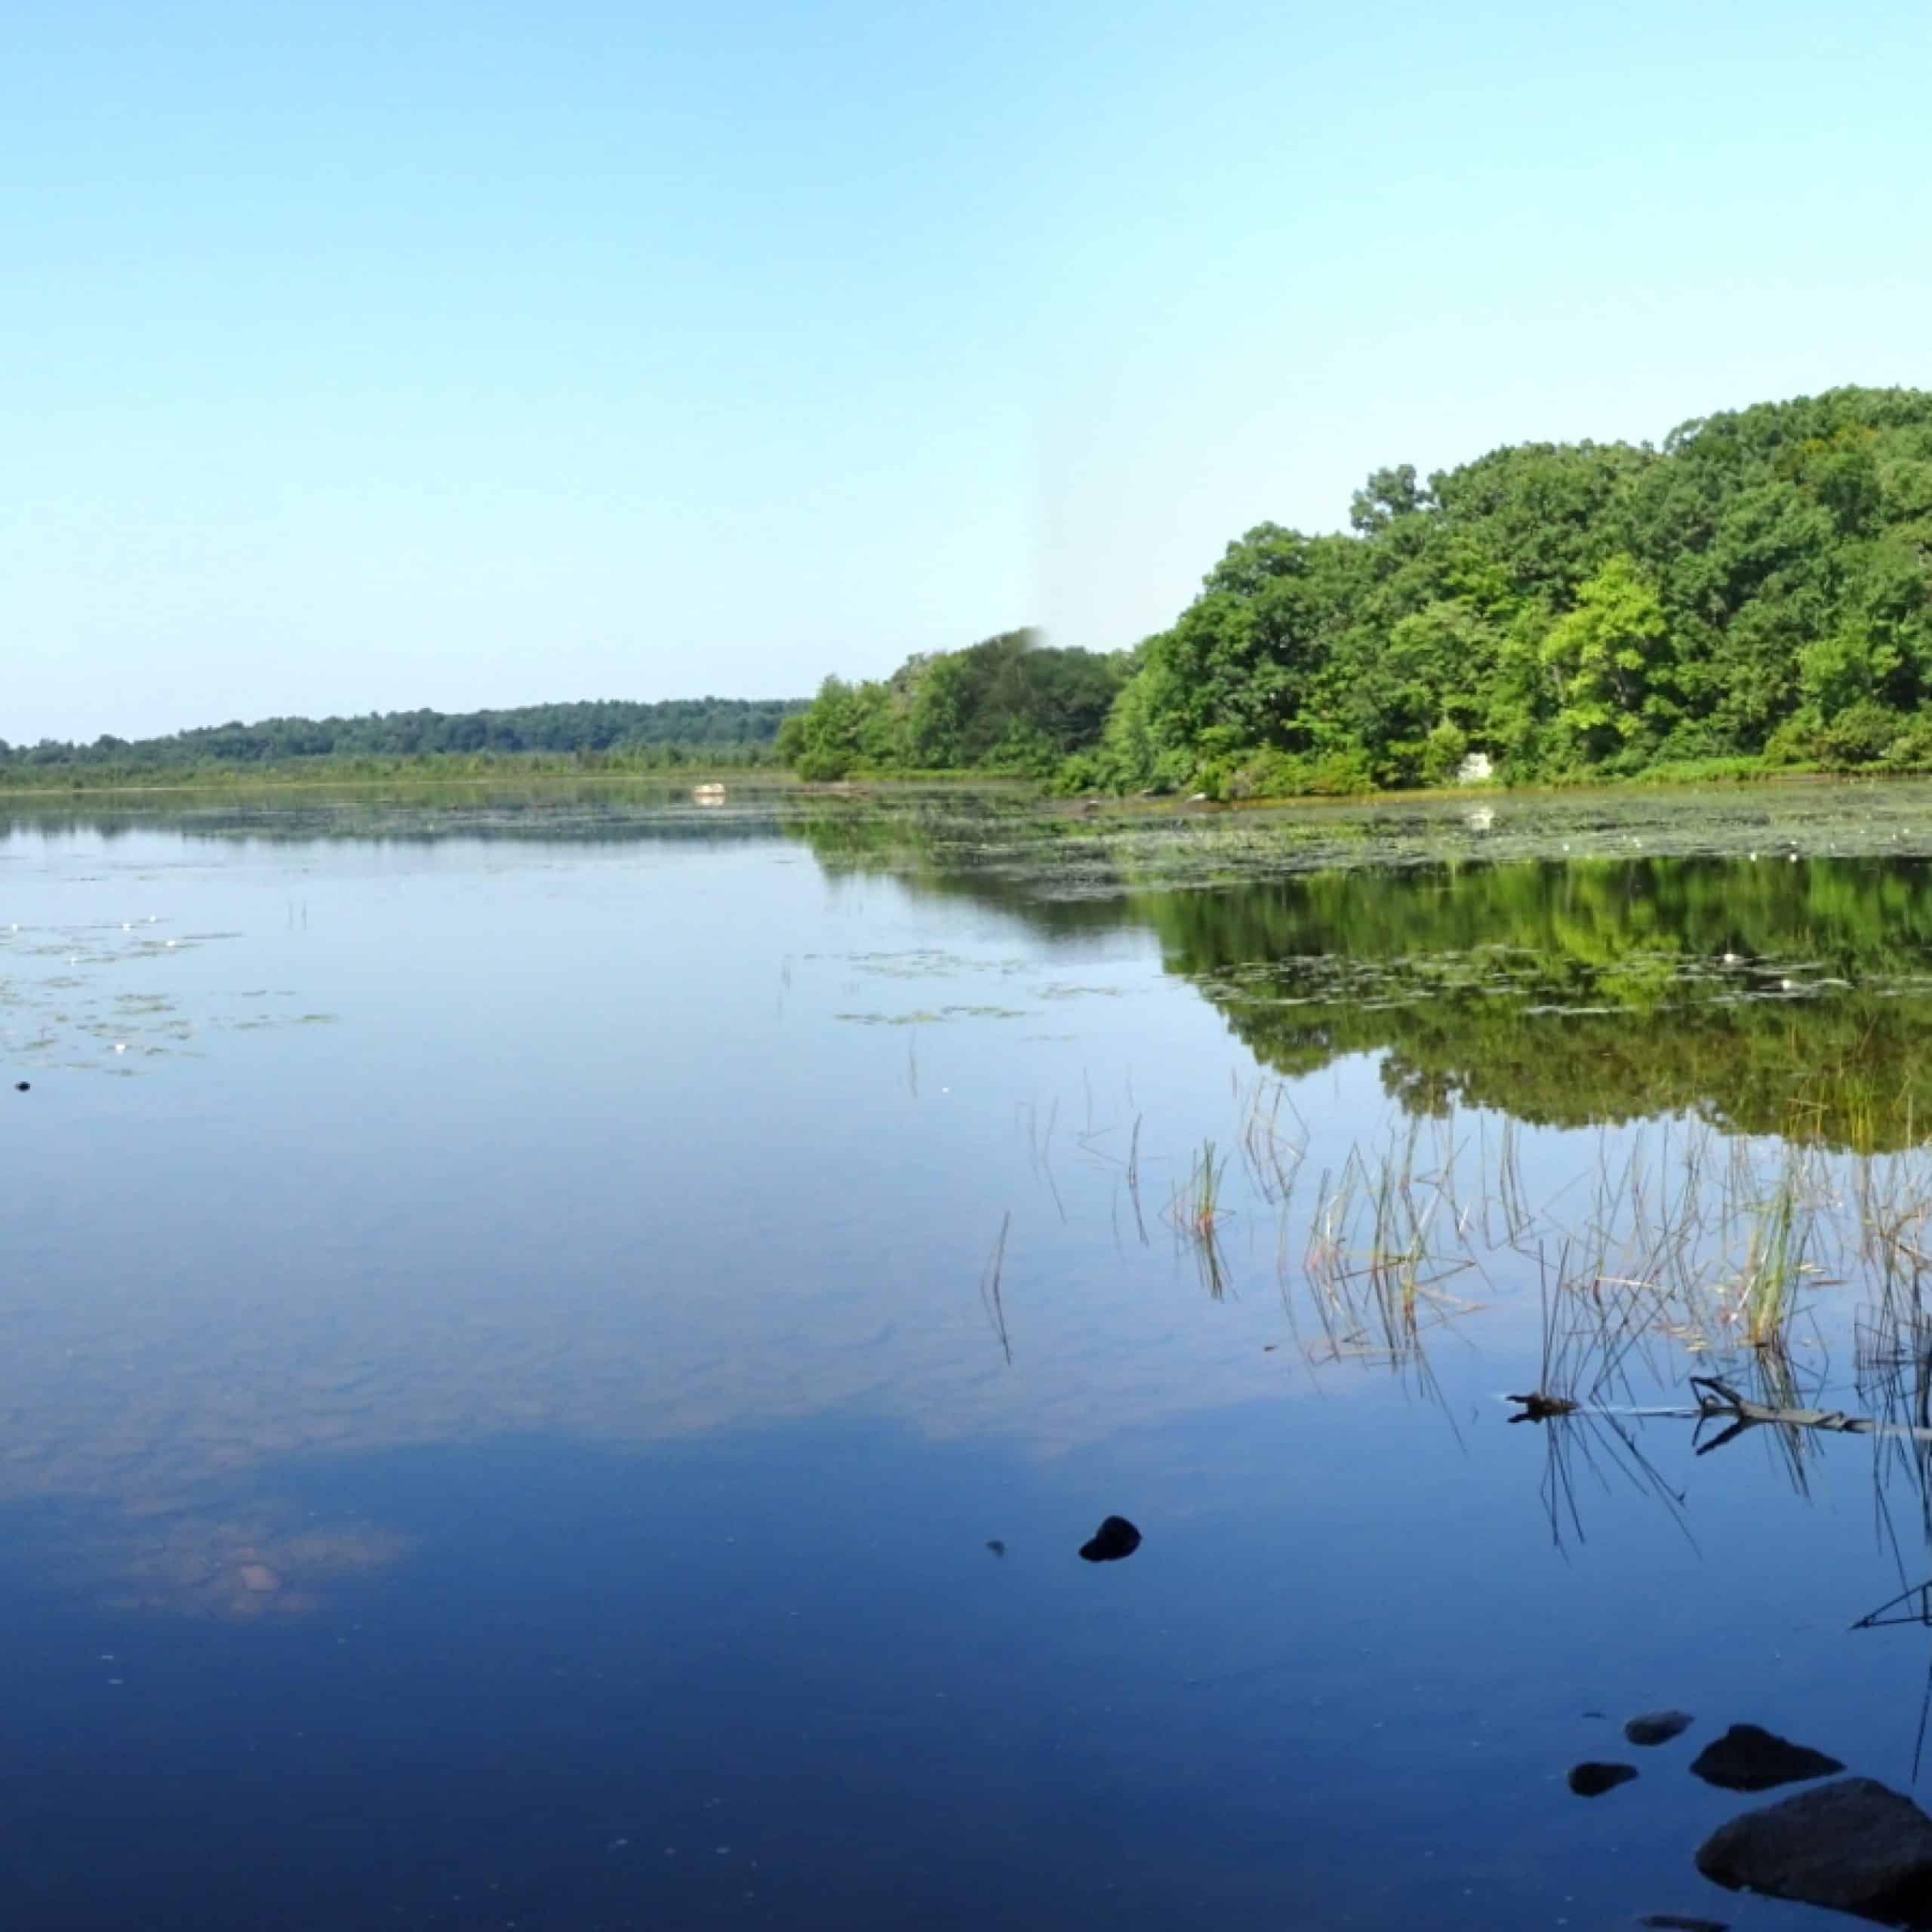 ponkapoag pond panorama